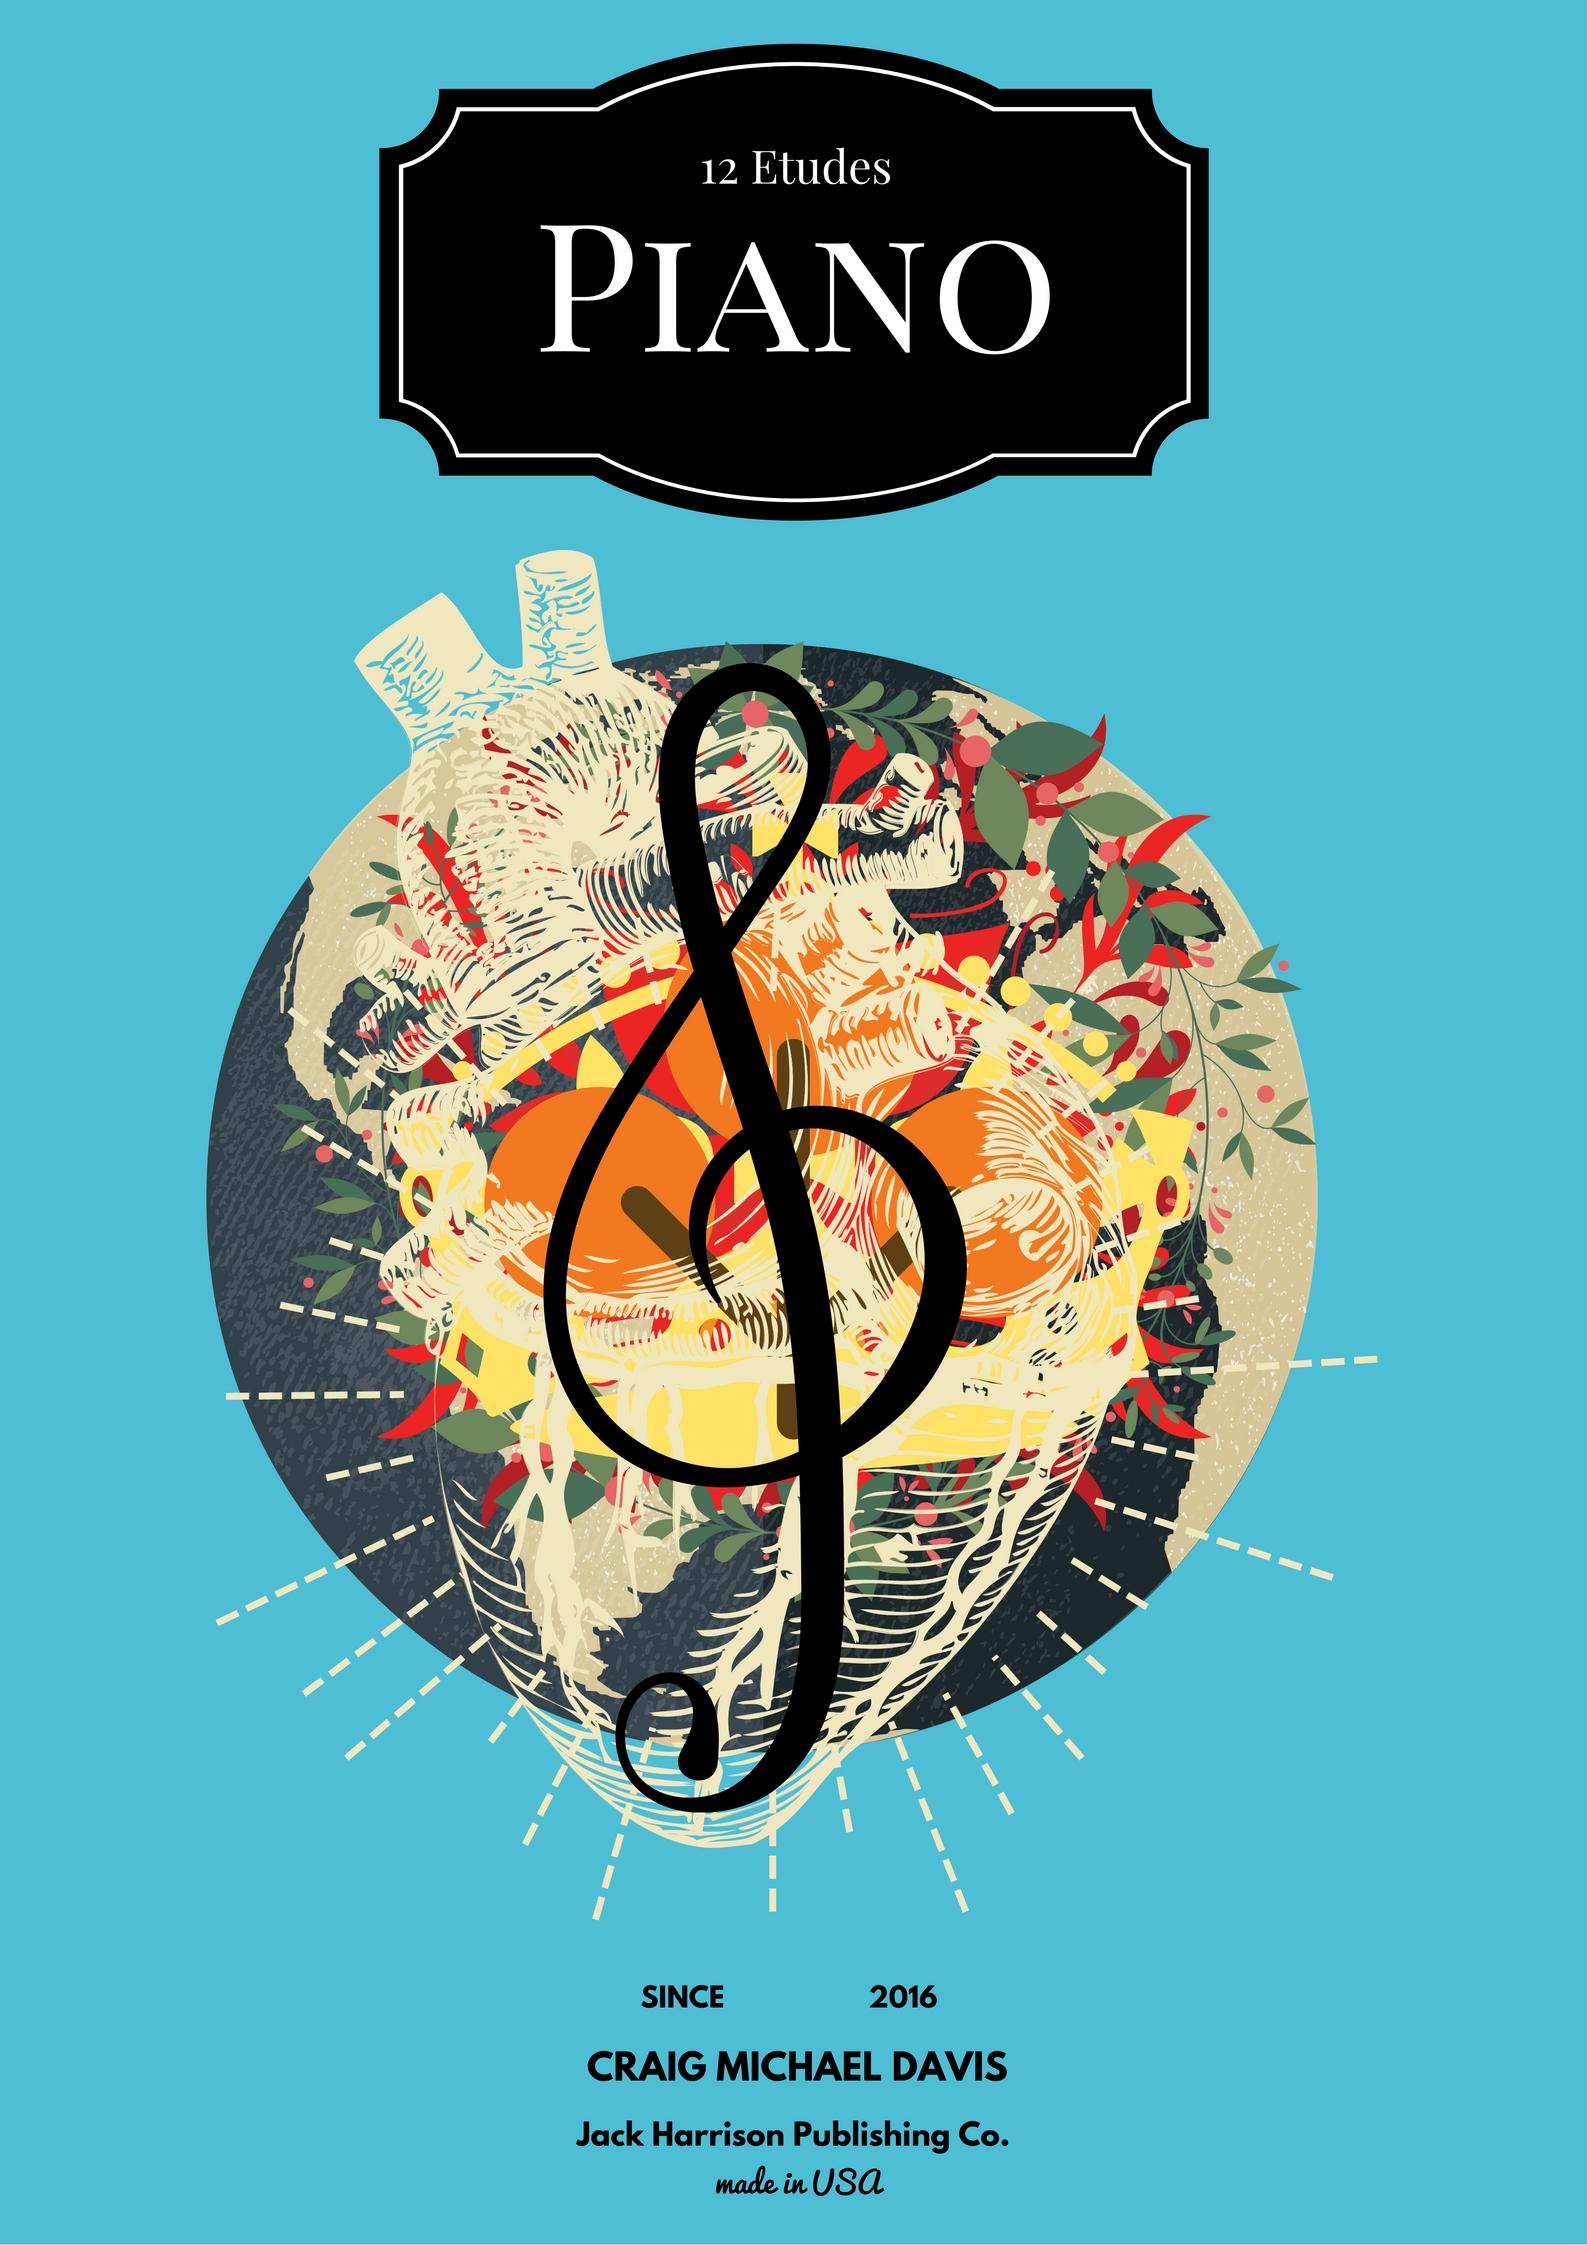 PIANO ETUDES COVER